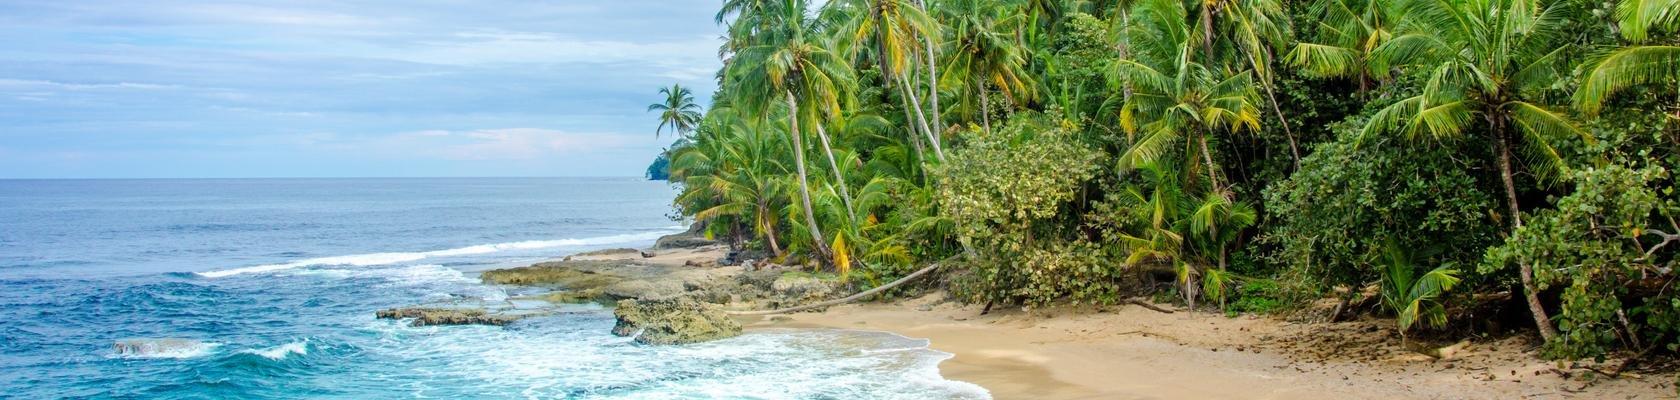 Genieten aan de Caribische kust